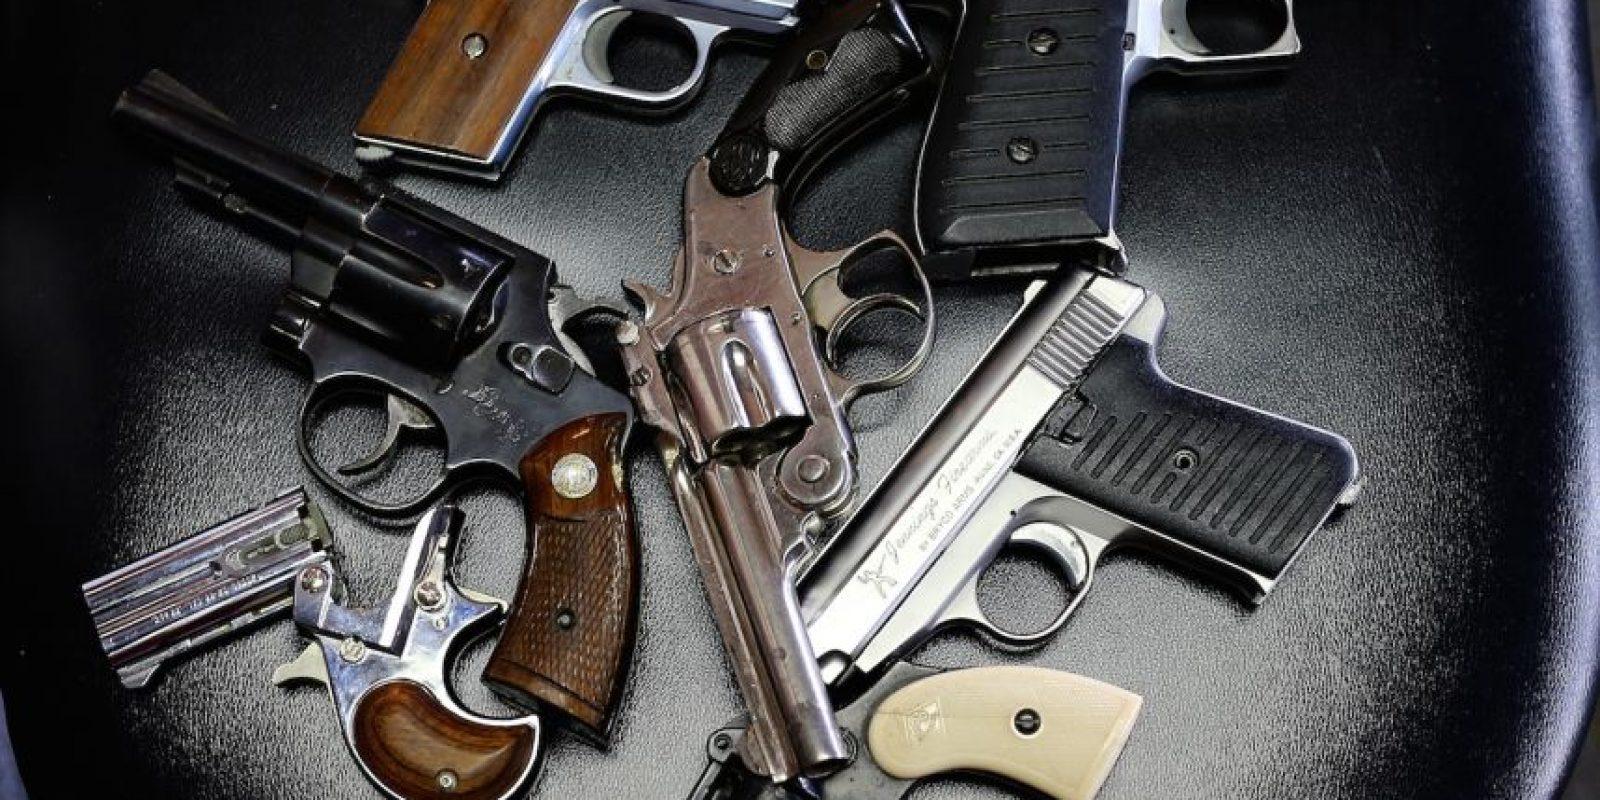 """El SIPRI detalla que """"las exportaciones rusas de las principales armas aumentaron un 37 por ciento entre 2005-2009 y 2010-14"""". Foto:Getty Images"""